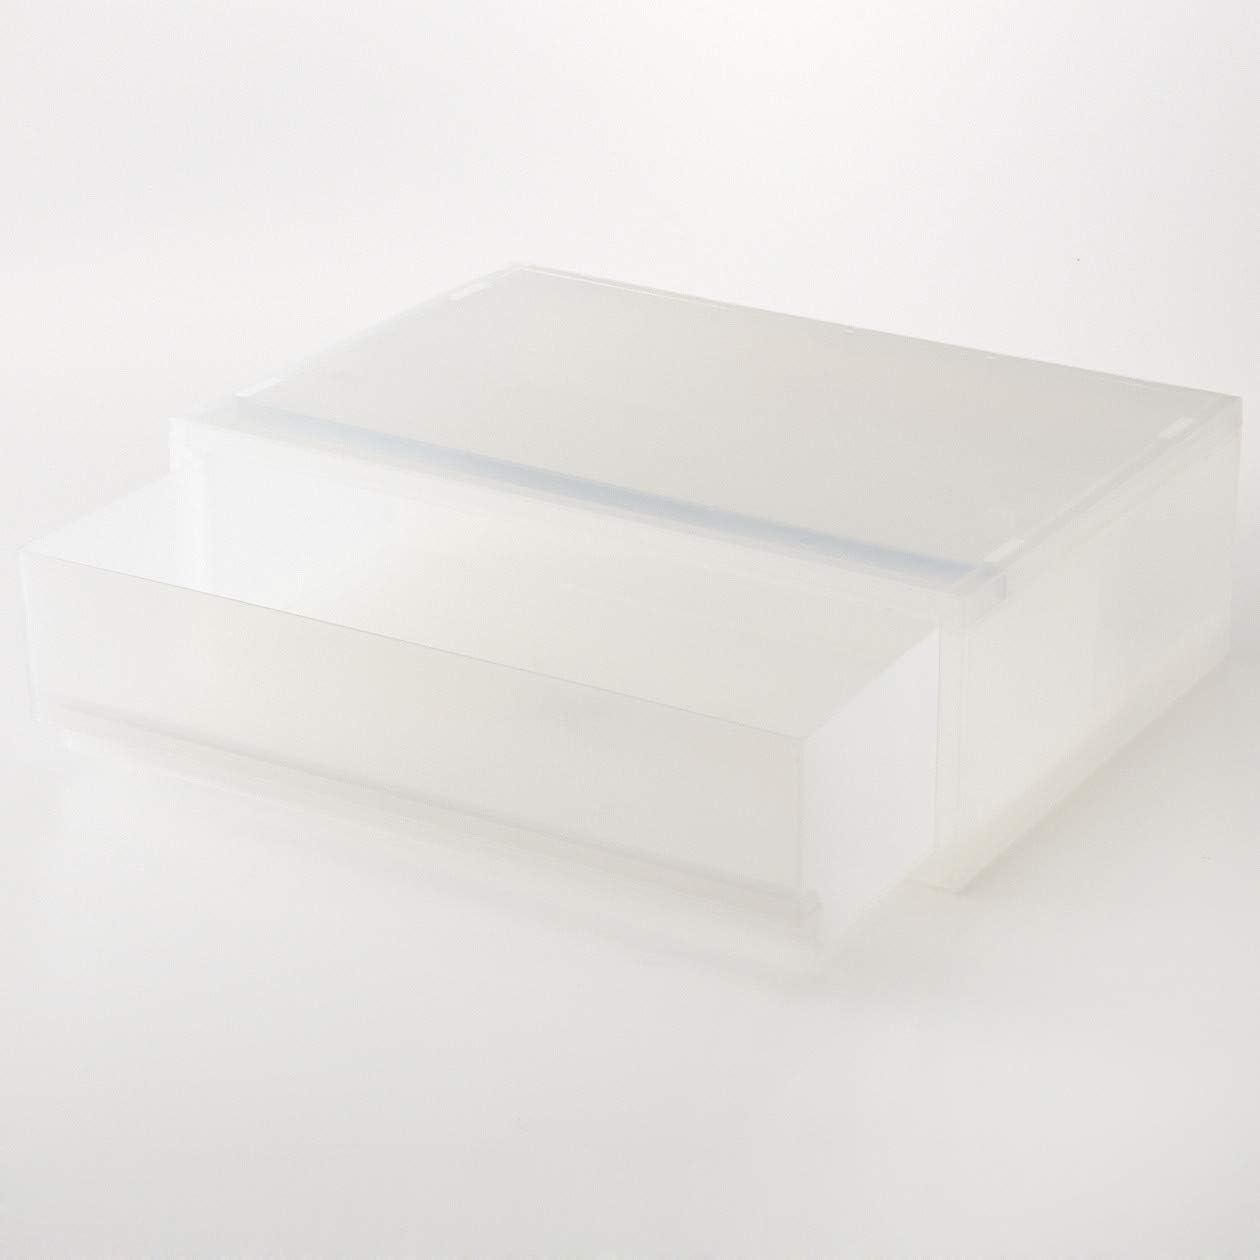 Muji Muji Cajón De Polipropileno A4 Estuche De Almacenamiento Poco Profundo, 37 cm Ancho x 26 cm Fondo x 12 cm Alto, Blanco: Amazon.es: Hogar